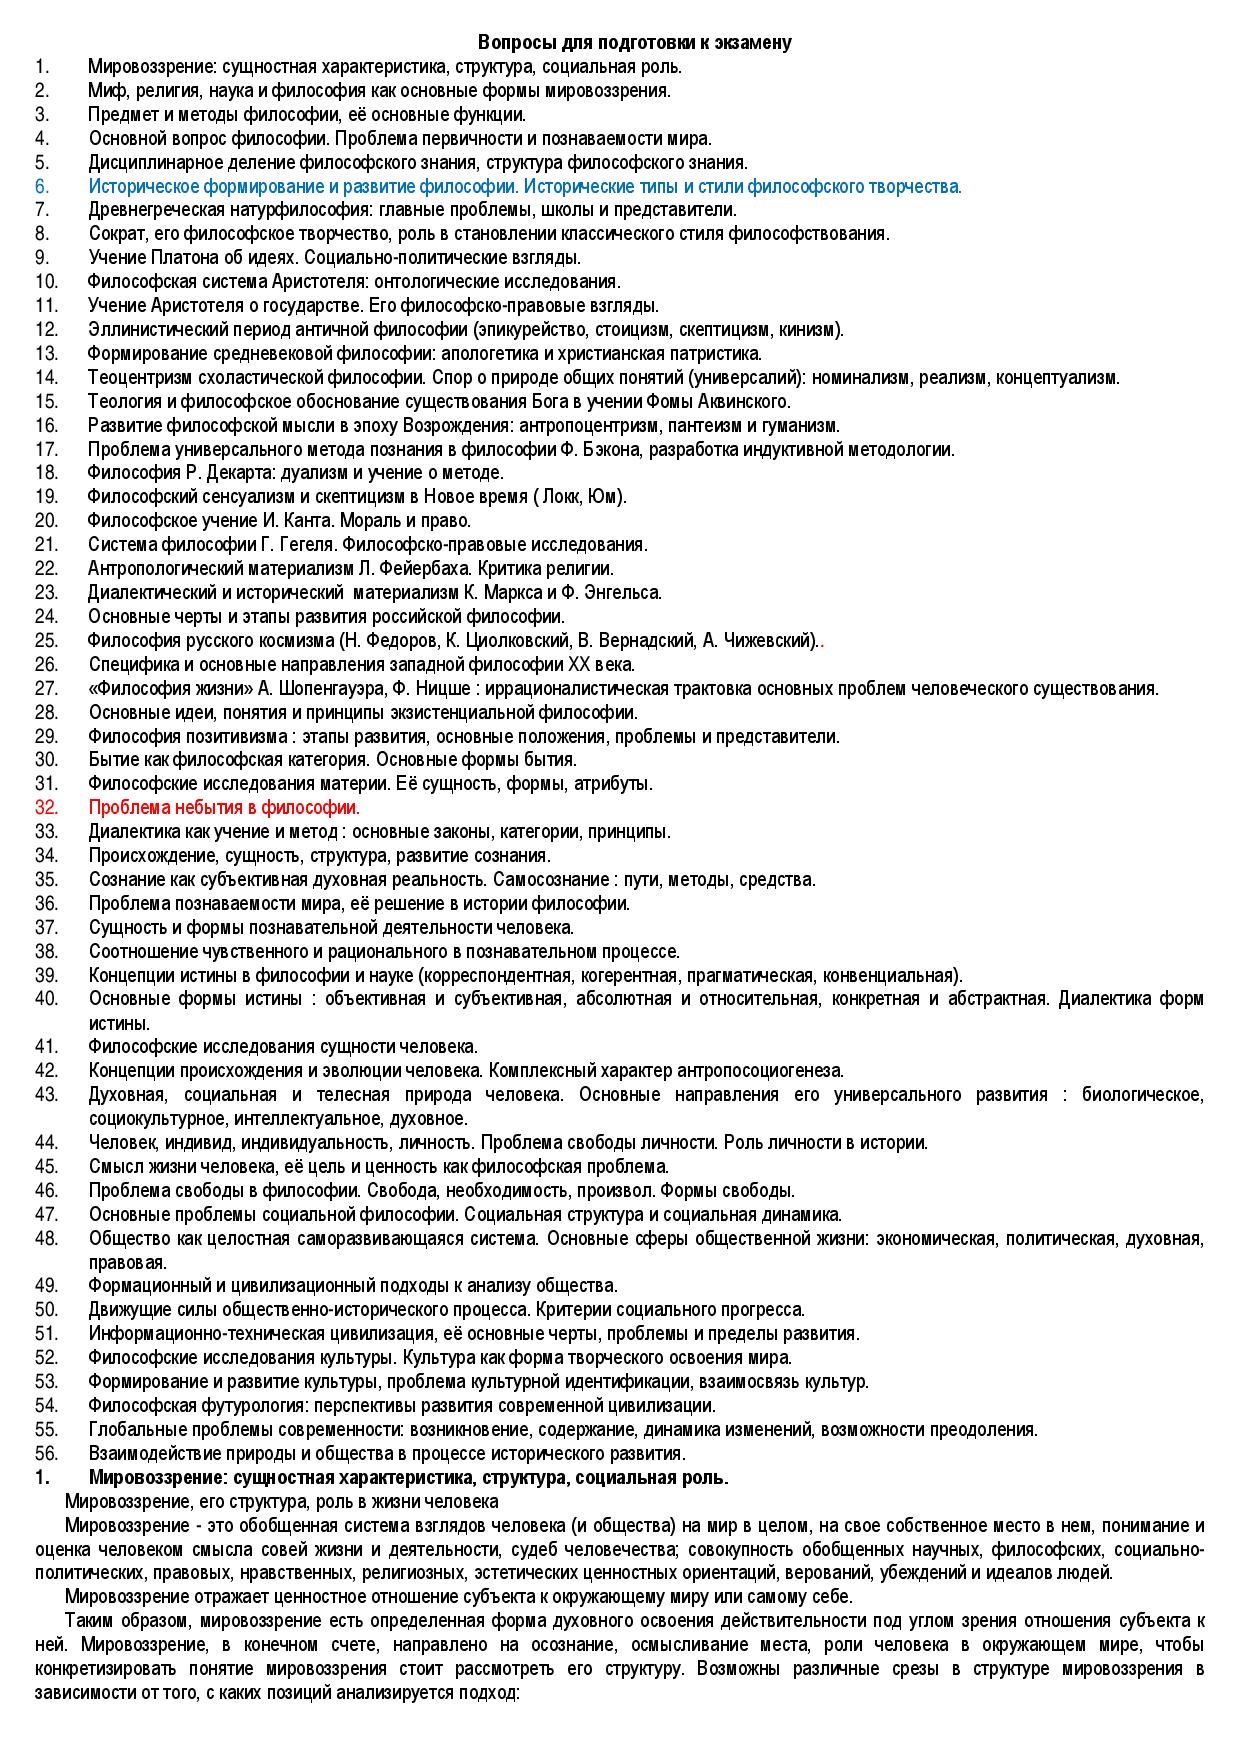 Типы мировоззрения